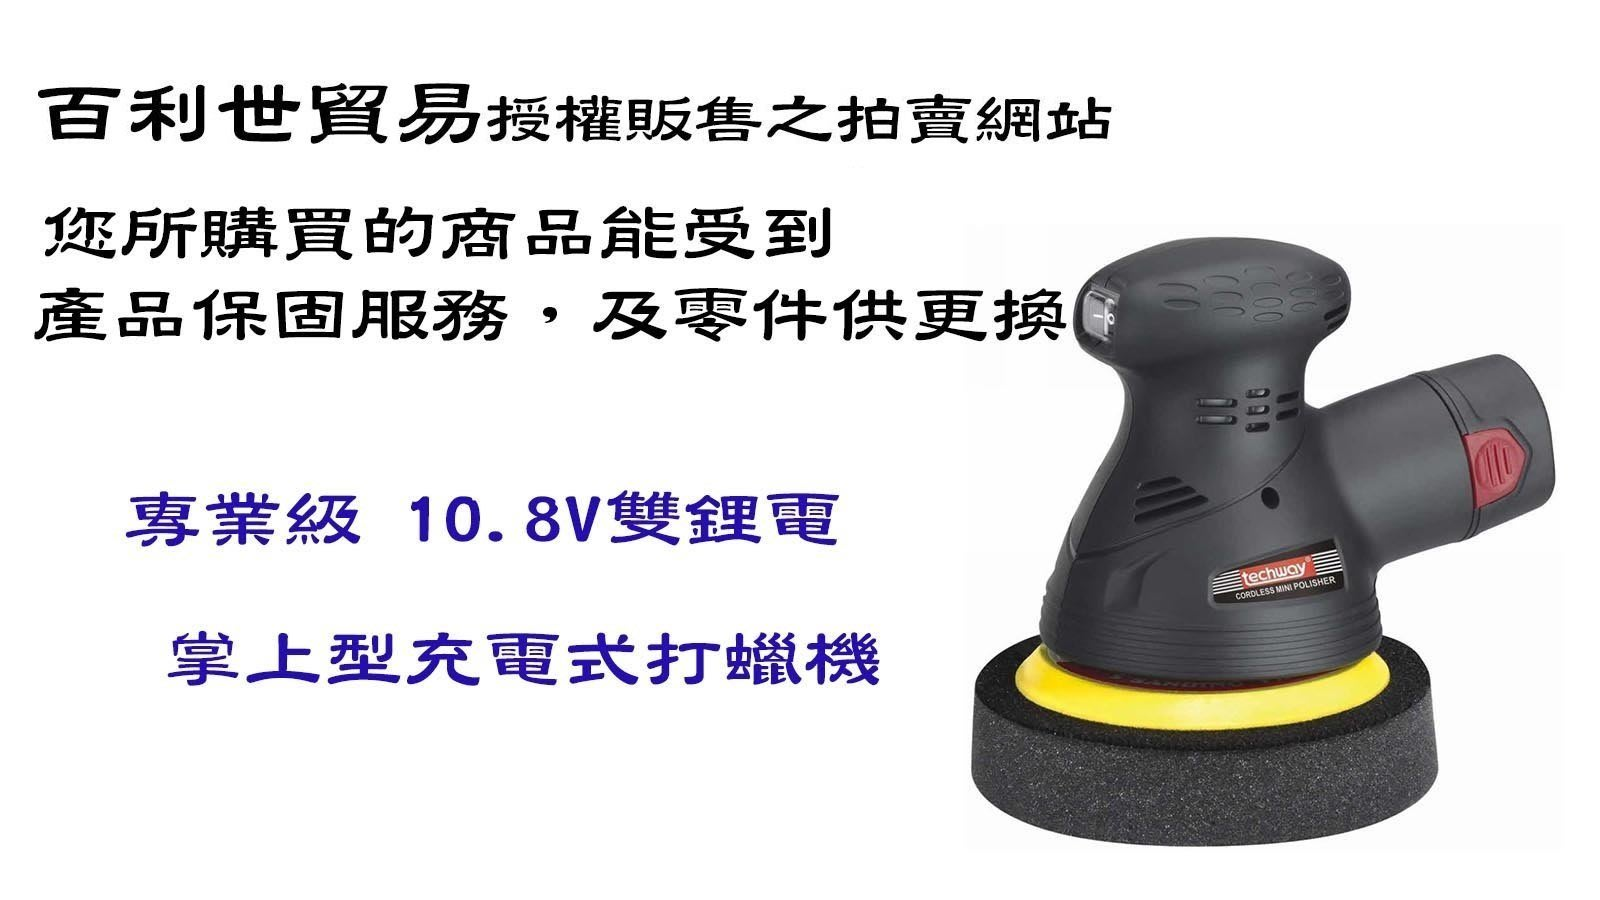 亮晶晶小舖-百利世貿易 10.8V 雙鋰電掌上型充電式打蠟機 打蠟機 充電型 無線打蠟機 可換電池 汽車美容 上蠟容易